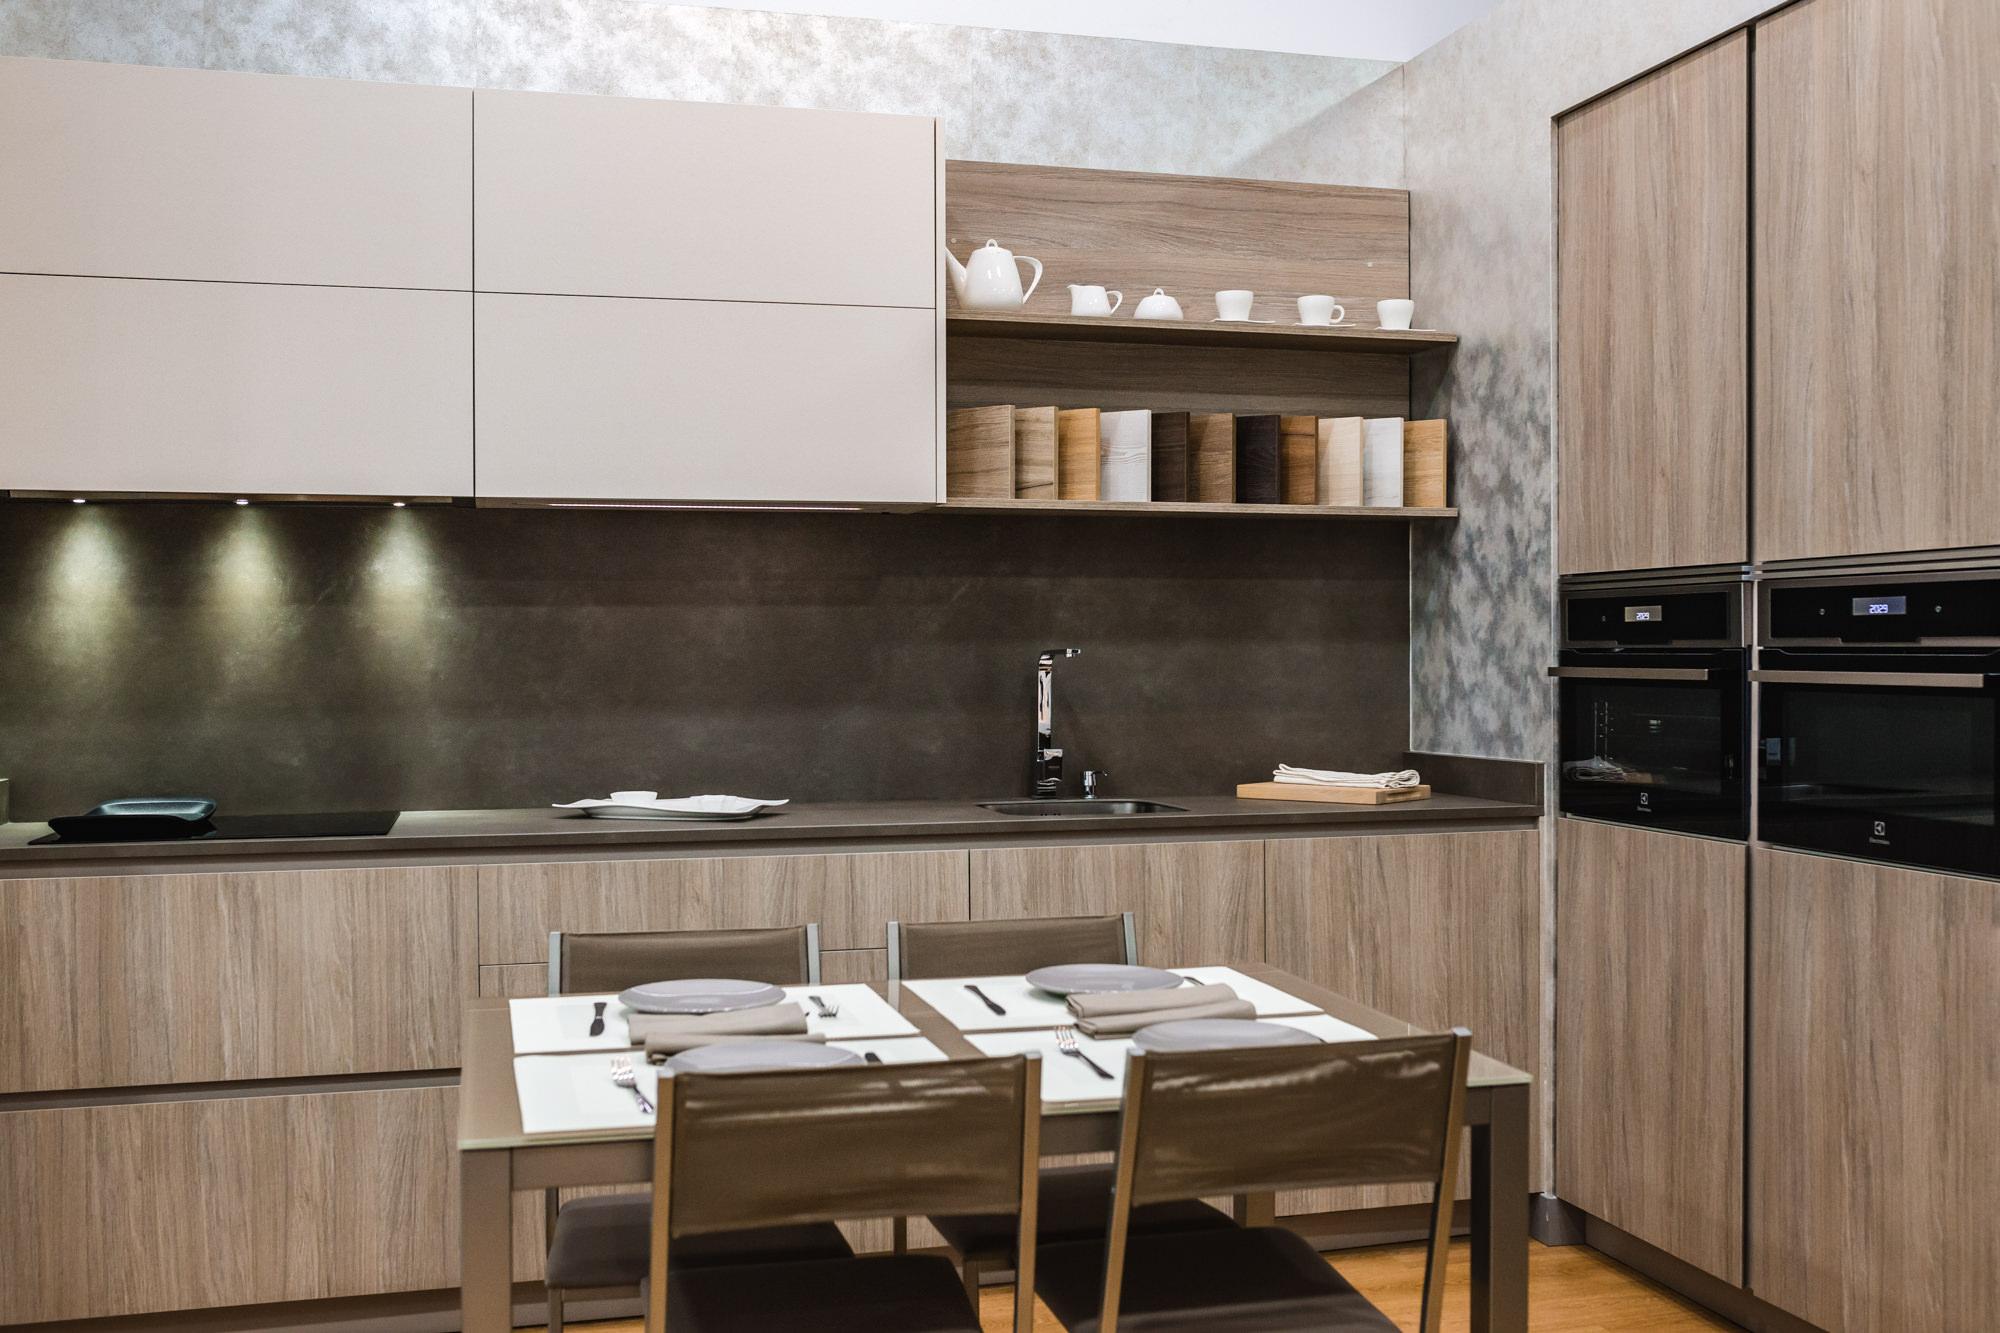 Cómo elegir mesas de cocina - Tienda de cocinas en Sevilla. Cocinas ...